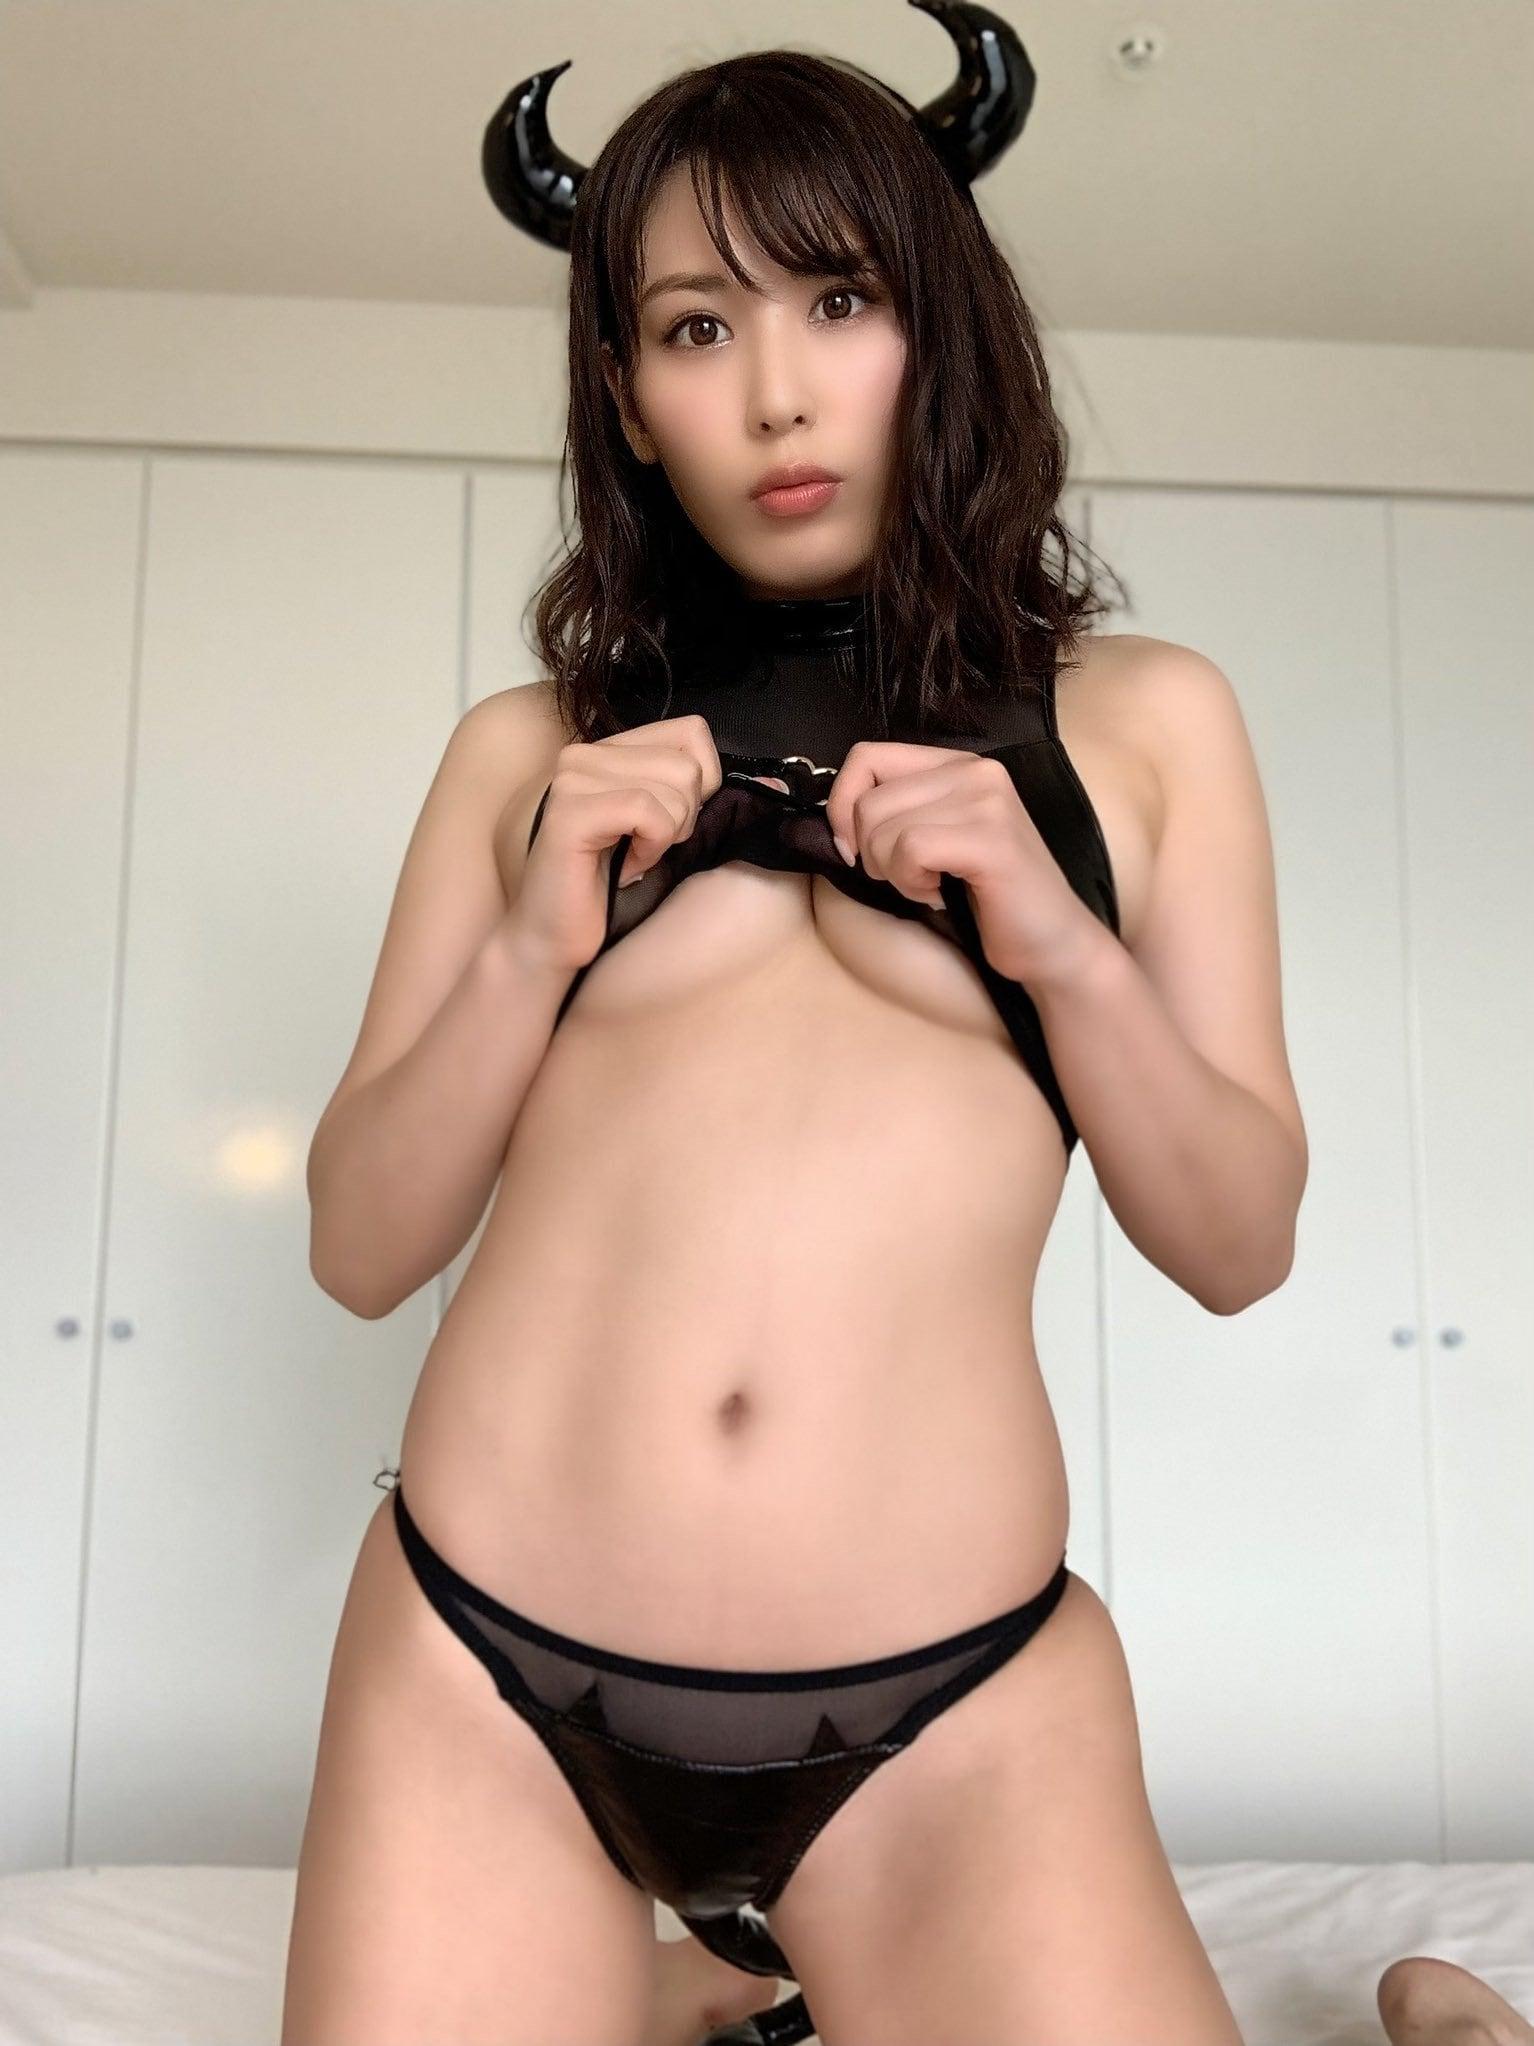 金子智美「下乳、見せてあげる!」えちえち悪魔のご褒美に大興奮【画像3枚】の画像001